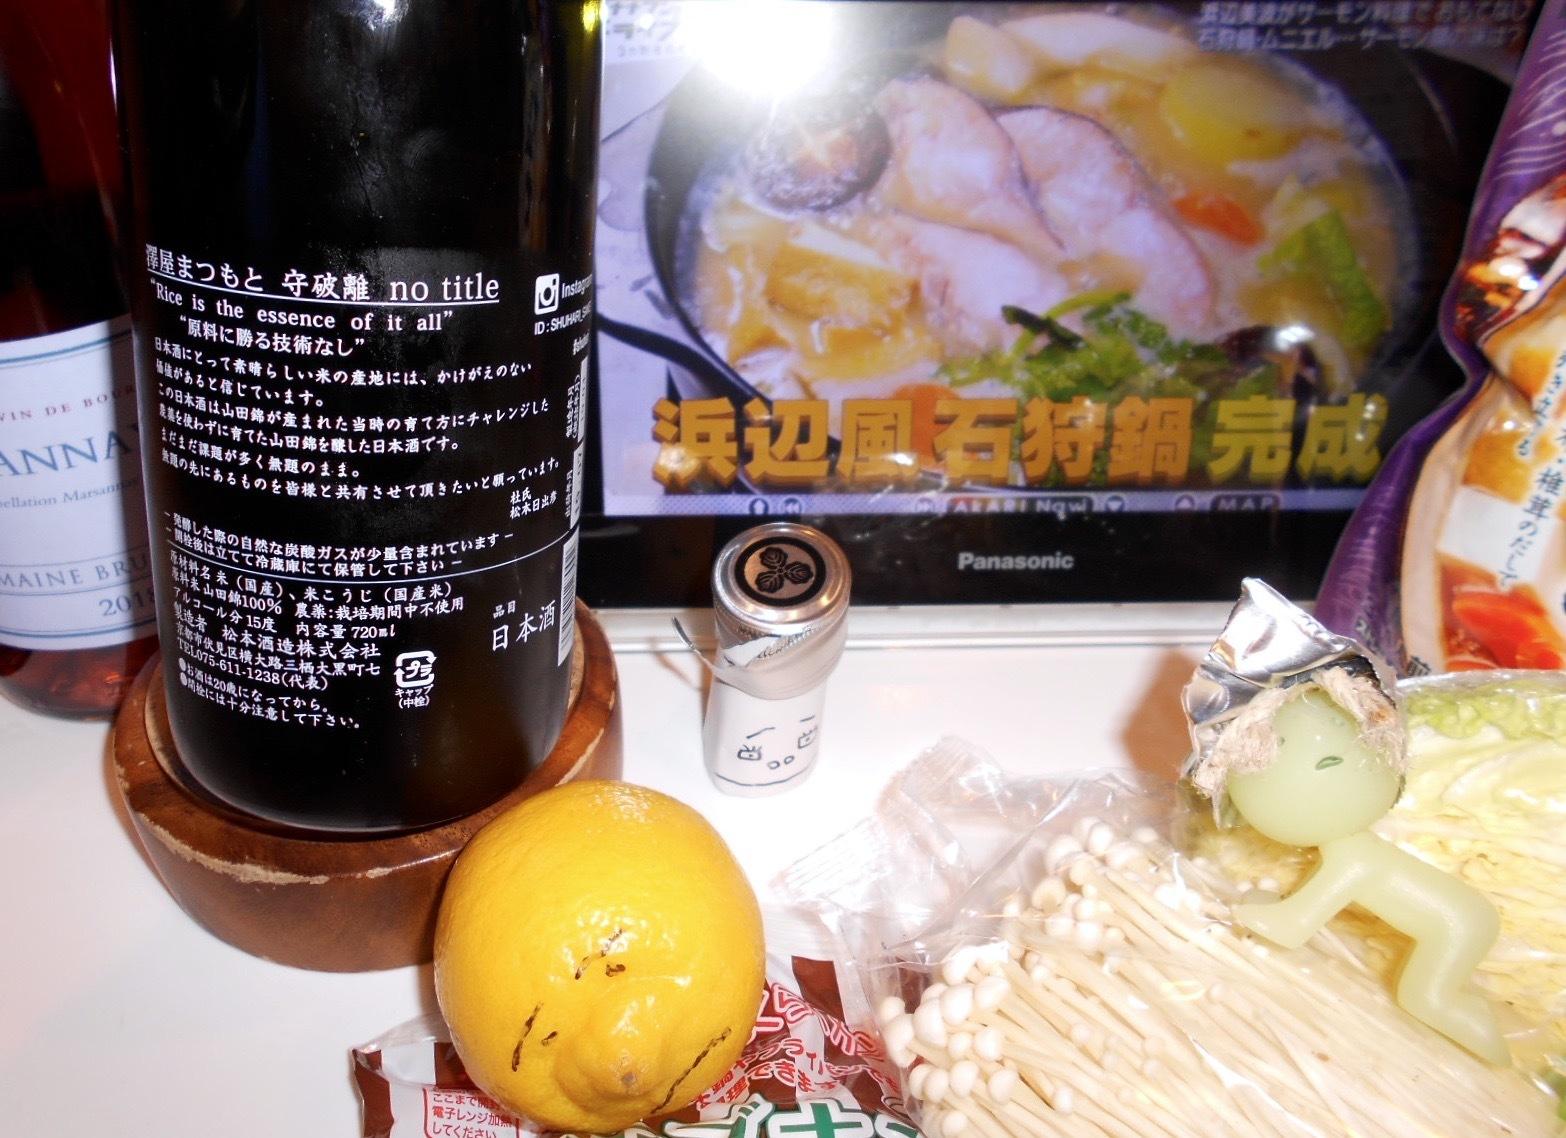 shuhari_no_title2018by2.jpg